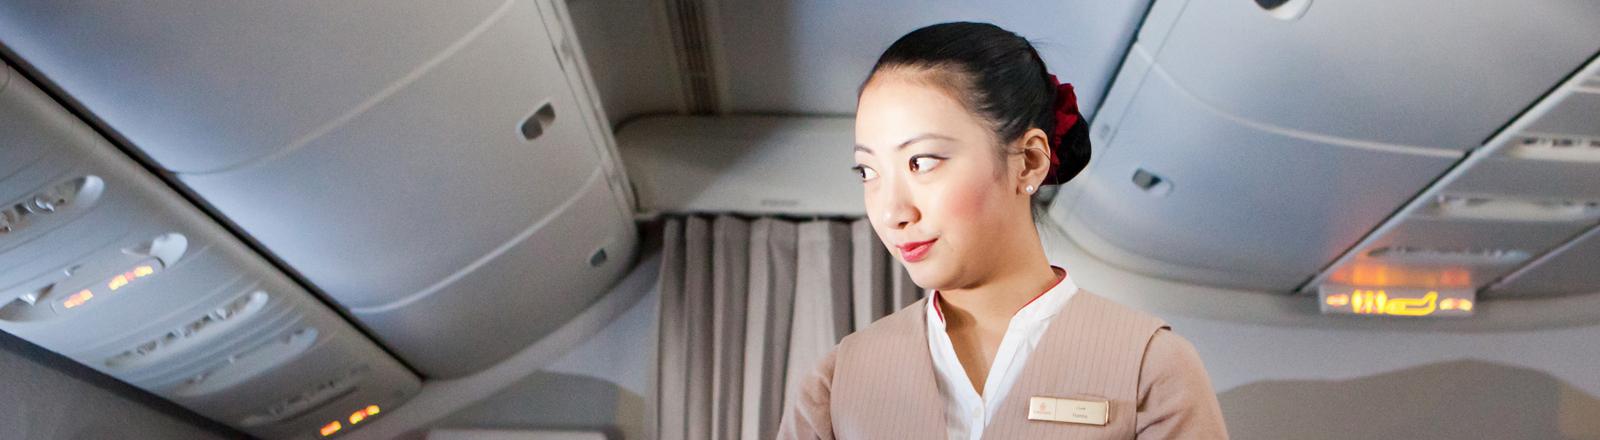 Stewardess serviert Orangensaft und Wasser